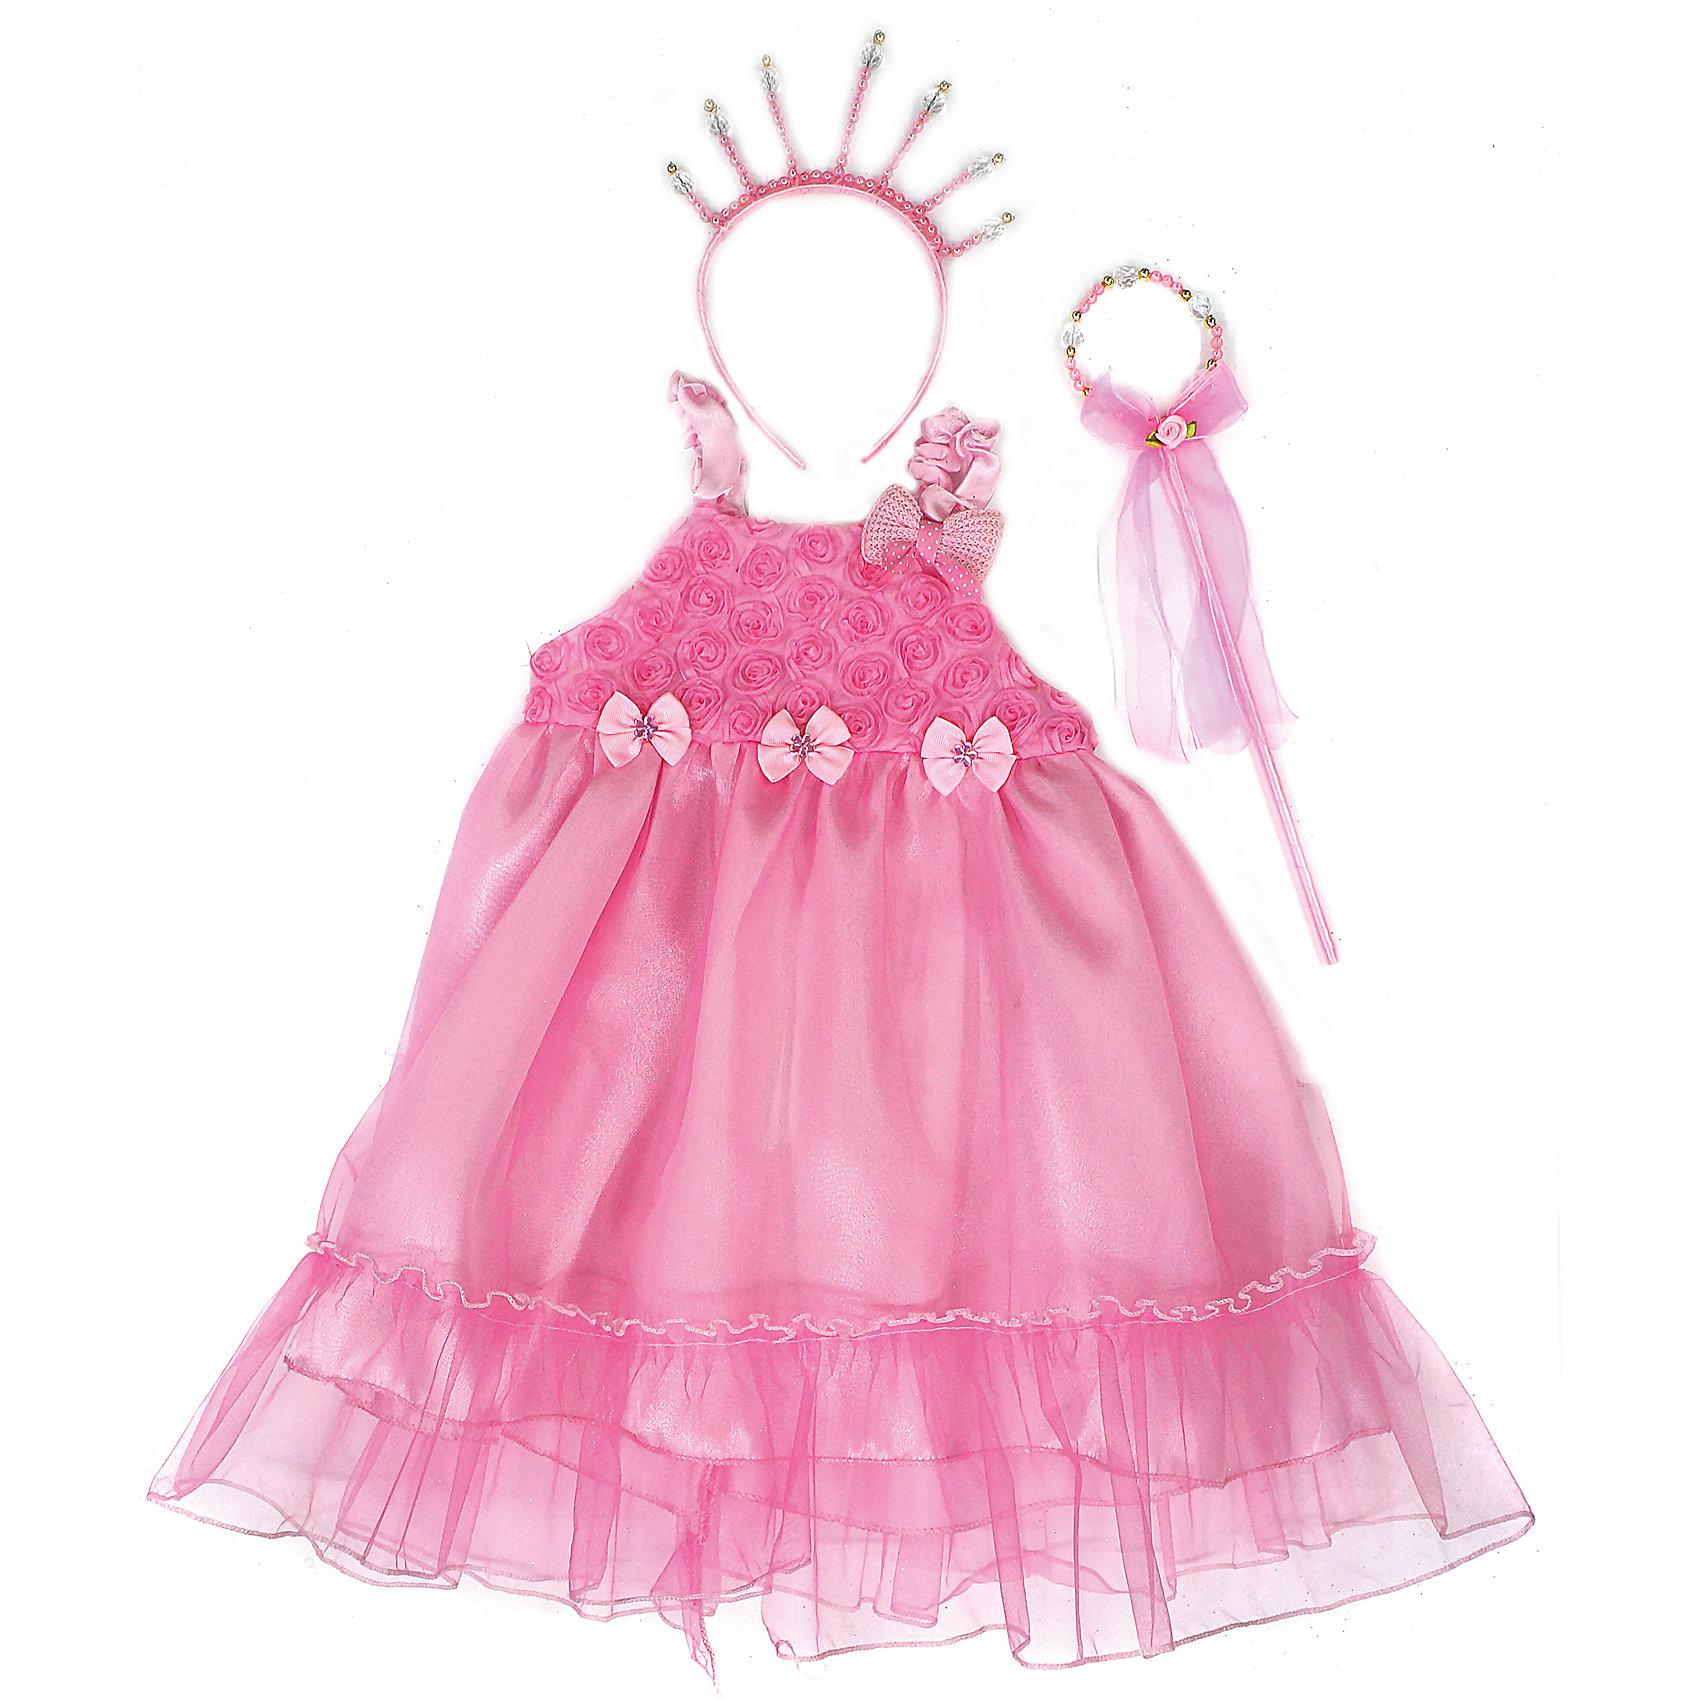 Костюм Принцесса, Новогодняя сказкаКарнавальные костюмы и аксессуары<br>Характеристики товара:<br><br>• цвет: розовый<br>• комплектация: платье, ободок, волшебная палочка<br>• материал: текстиль, пластик<br>• для праздников и постановок<br>• упаковка: пакет<br>• длина платья: 56 см<br>• возраст: от 3 лет<br>• страна бренда: Российская Федерация<br>• страна изготовитель: Российская Федерация<br><br>Новогодние праздники - отличная возможность перевоплотиться в кого угодно, надев маскарадный костюм. Этот набор позволит ребенку мгновенно превратиться в принцессу!<br>Он состоит из нескольких предметов, которые подойдут дошкольникам. Изделия удобно сидят и позволяют ребенку наслаждаться праздником или принимать участие в постановке. Модель хорошо проработана, сшита из качественных и проверенных материалов, которые безопасны для детей.<br><br>Костюм Принцесса от бренда Новогодняя сказка можно купить в нашем интернет-магазине.<br><br>Ширина мм: 420<br>Глубина мм: 30<br>Высота мм: 450<br>Вес г: 200<br>Возраст от месяцев: 36<br>Возраст до месяцев: 96<br>Пол: Женский<br>Возраст: Детский<br>SKU: 5177221